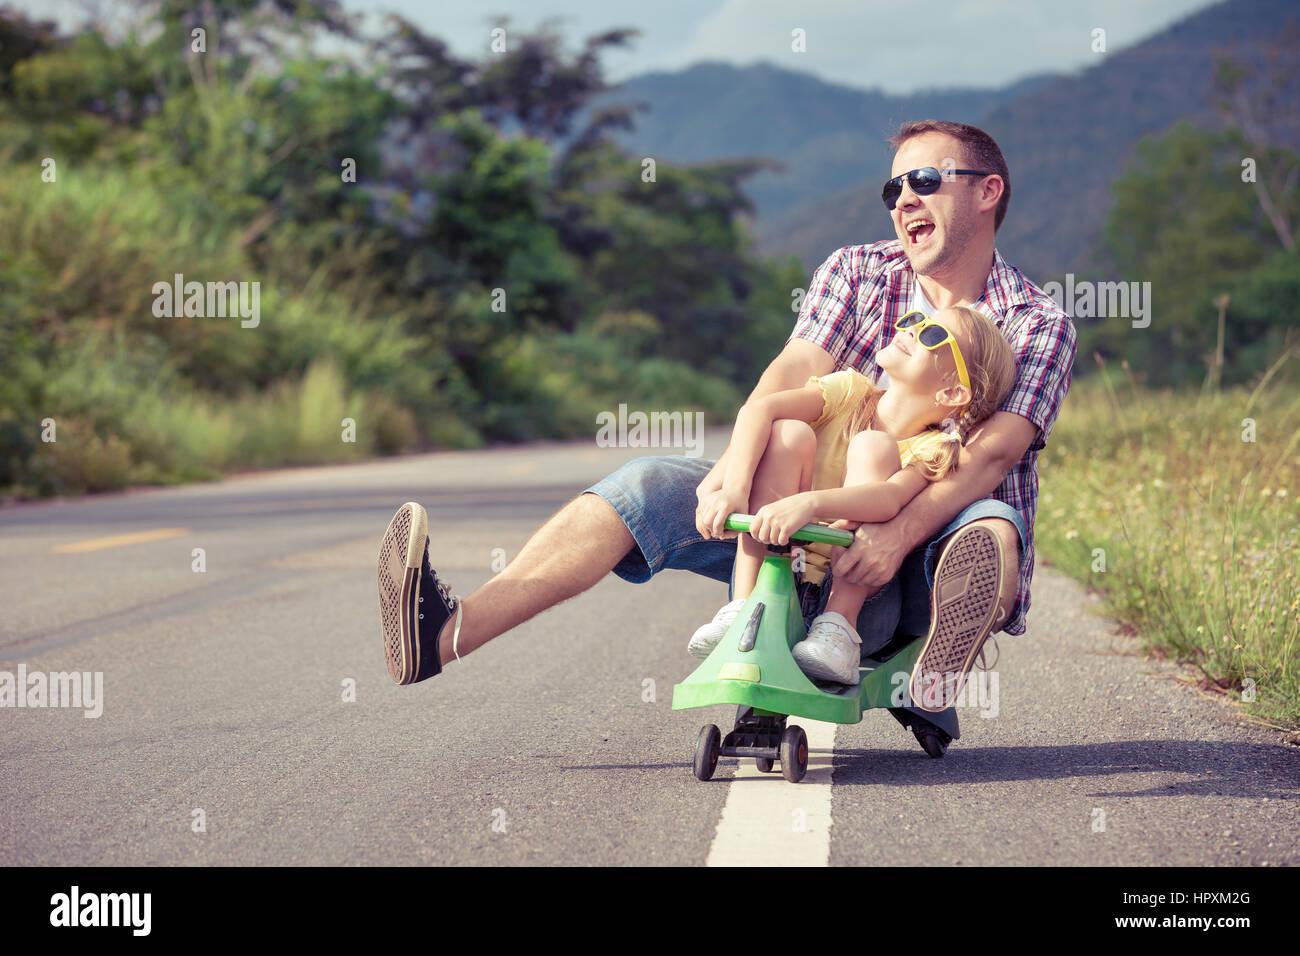 Padre e figlia giocando sulla strada al giorno. Concetto di famiglia amichevole. Foto Stock